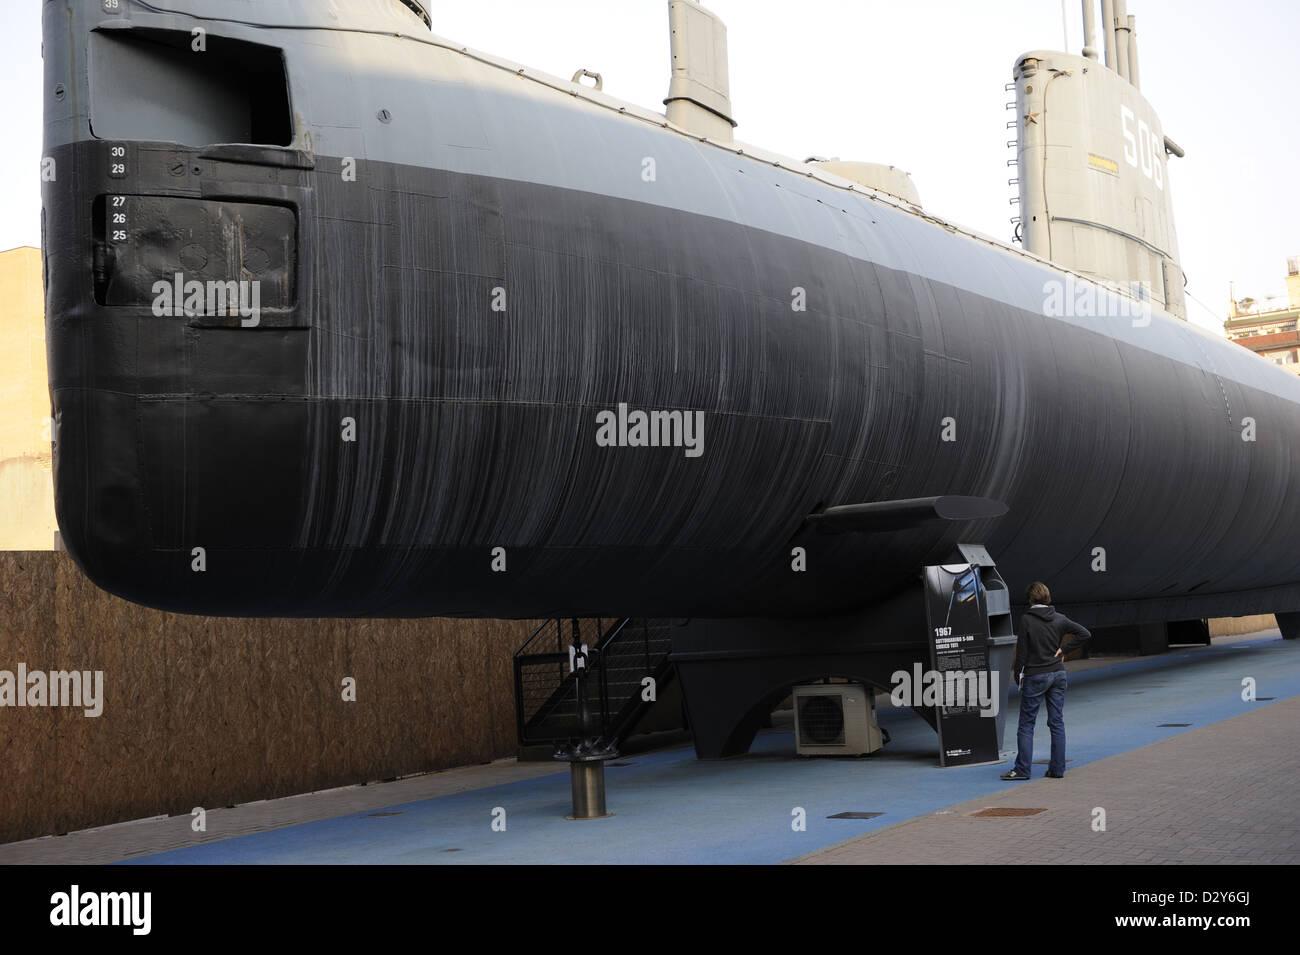 Italia. Milán. El Museo Nacional de Ciencia y Tecnología Leonardo Da Vinci. Enrico Toti submarino. Utilizada Imagen De Stock